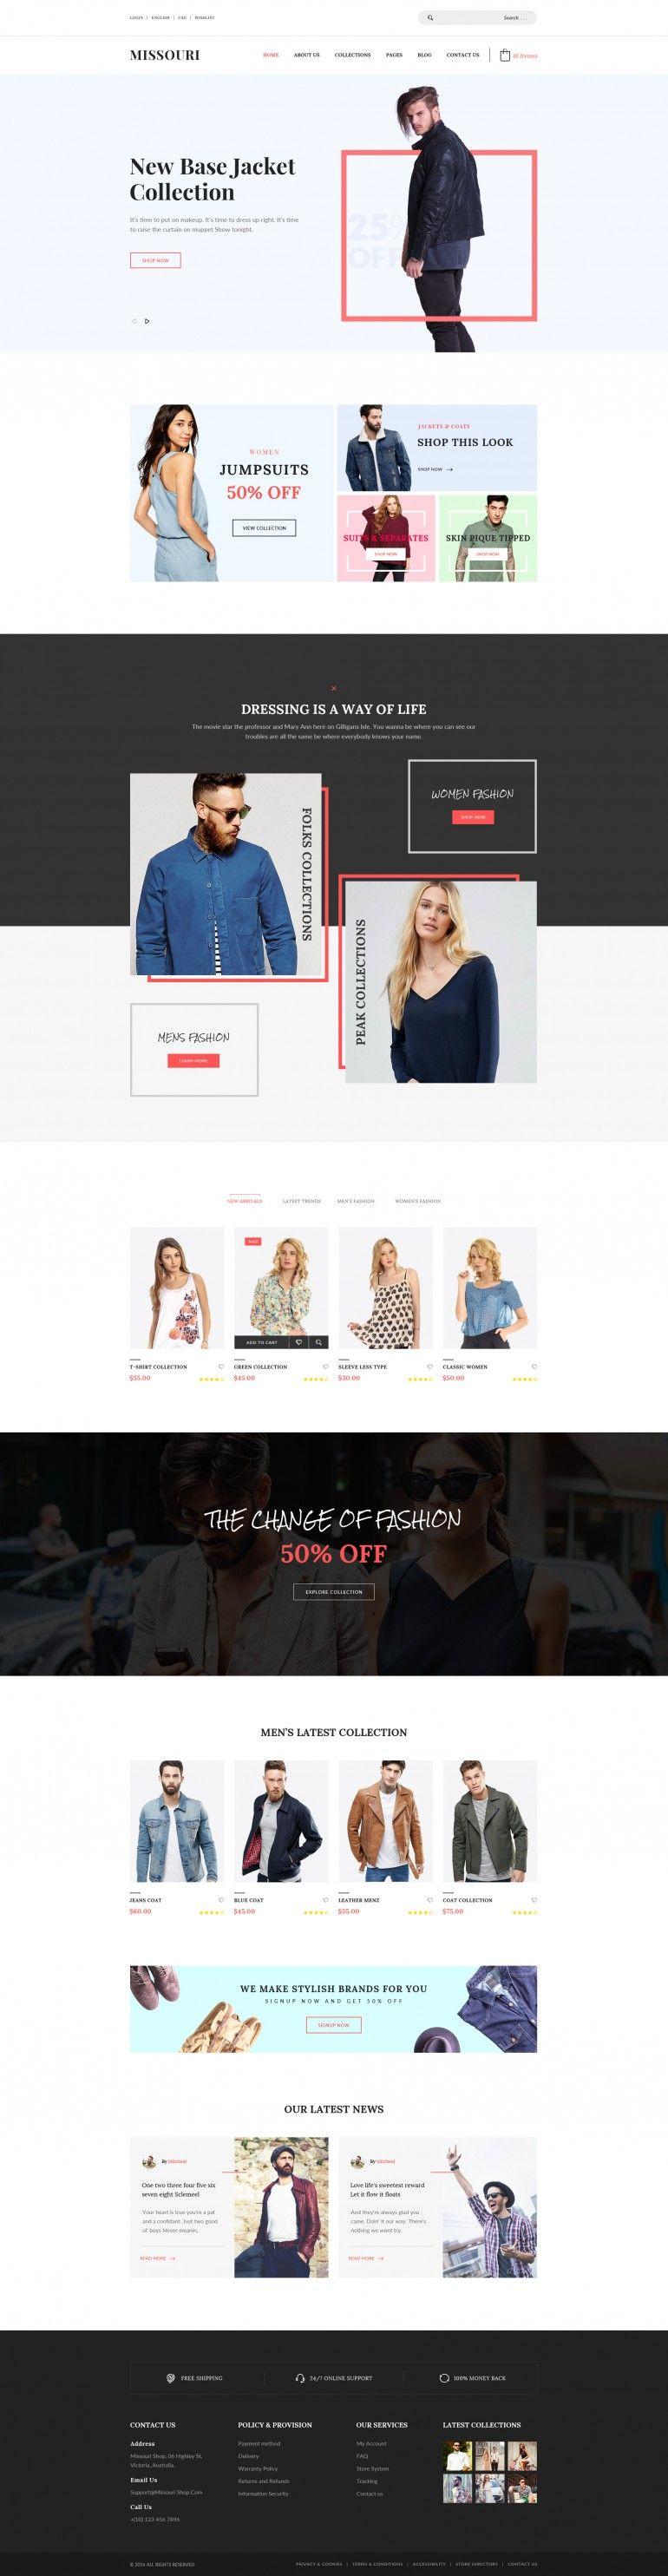 Missouri – E-Commerce